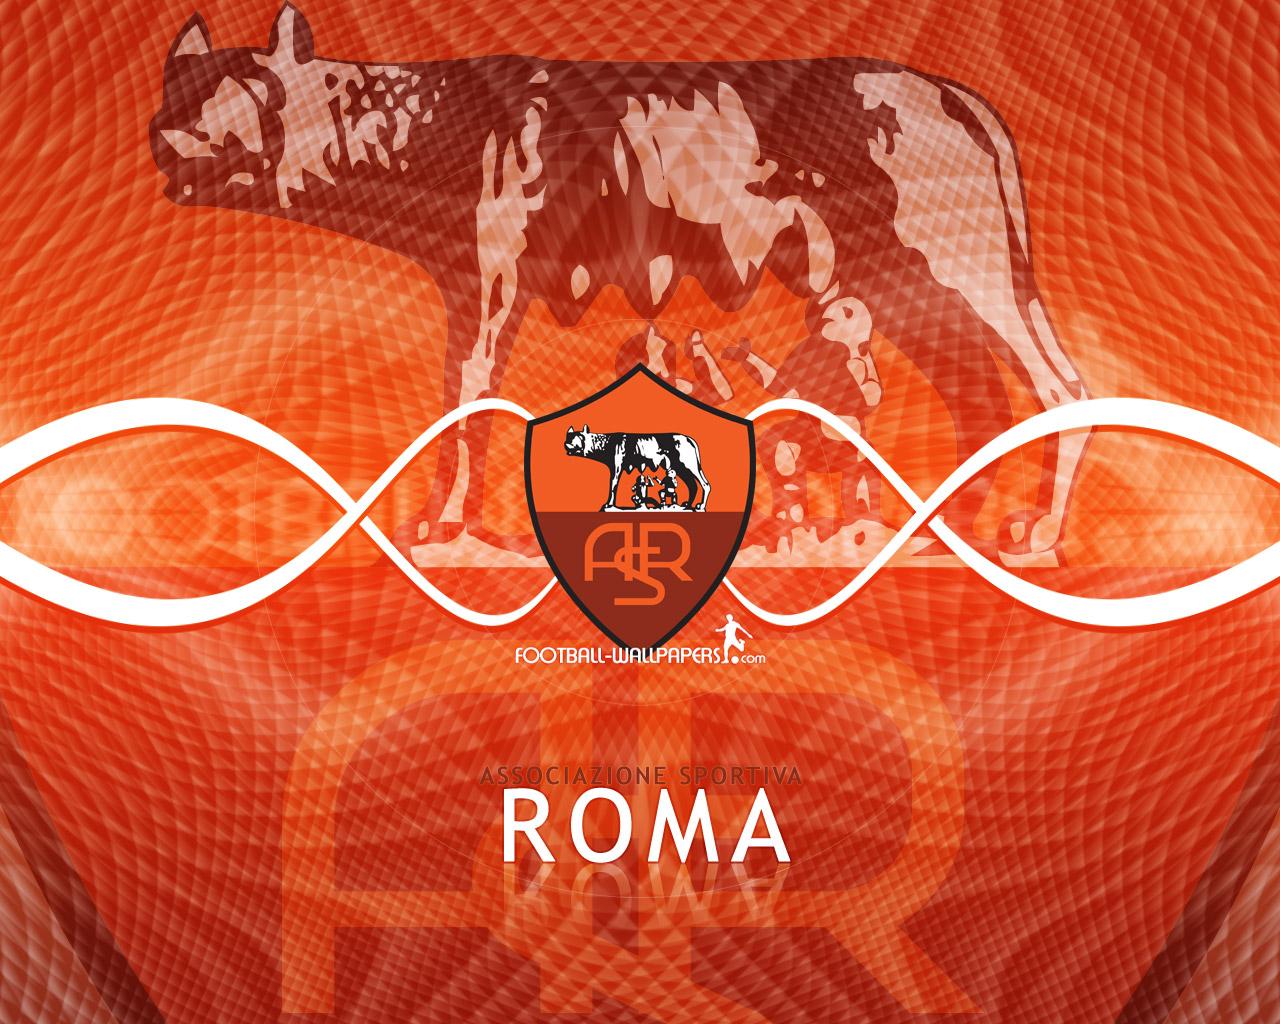 http://4.bp.blogspot.com/-Lf0uf4MRZAM/ThmZqJbCyaI/AAAAAAAAA3k/d9HRkqPBDbo/s1600/As+Roma+Wallpaper+5.jpg